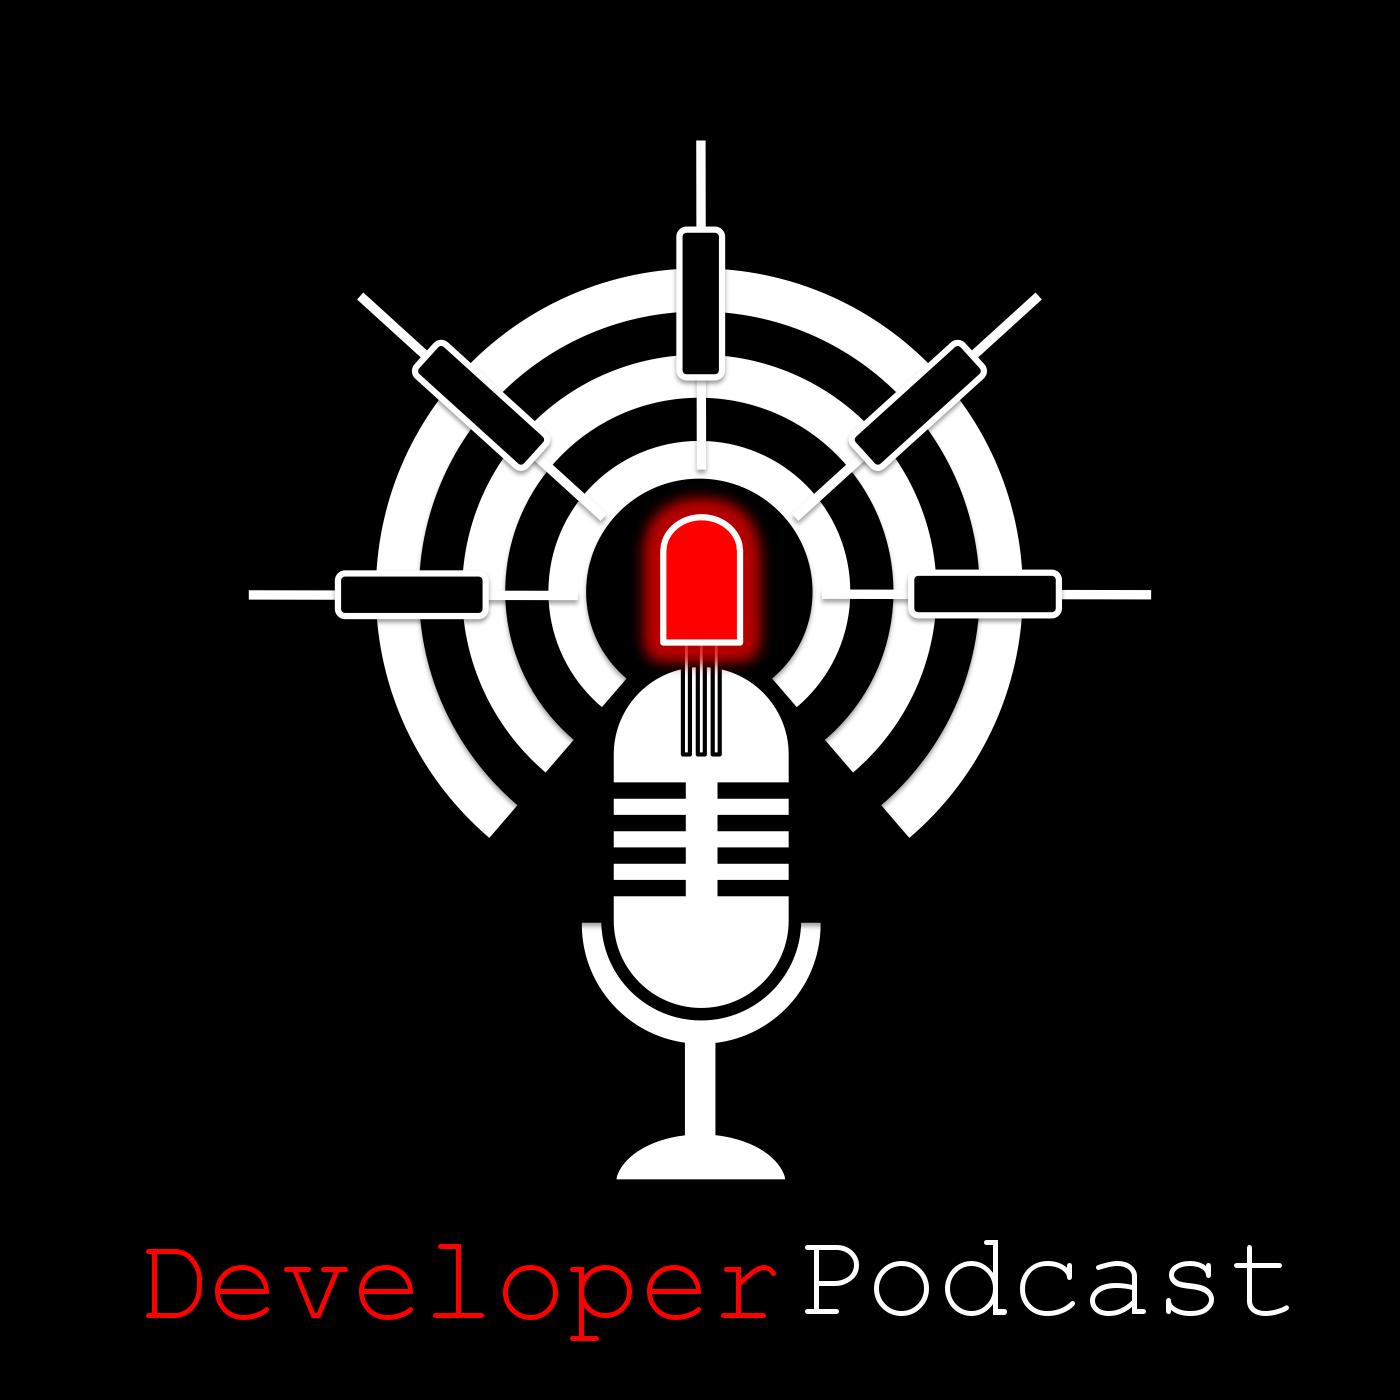 Developer Podcast